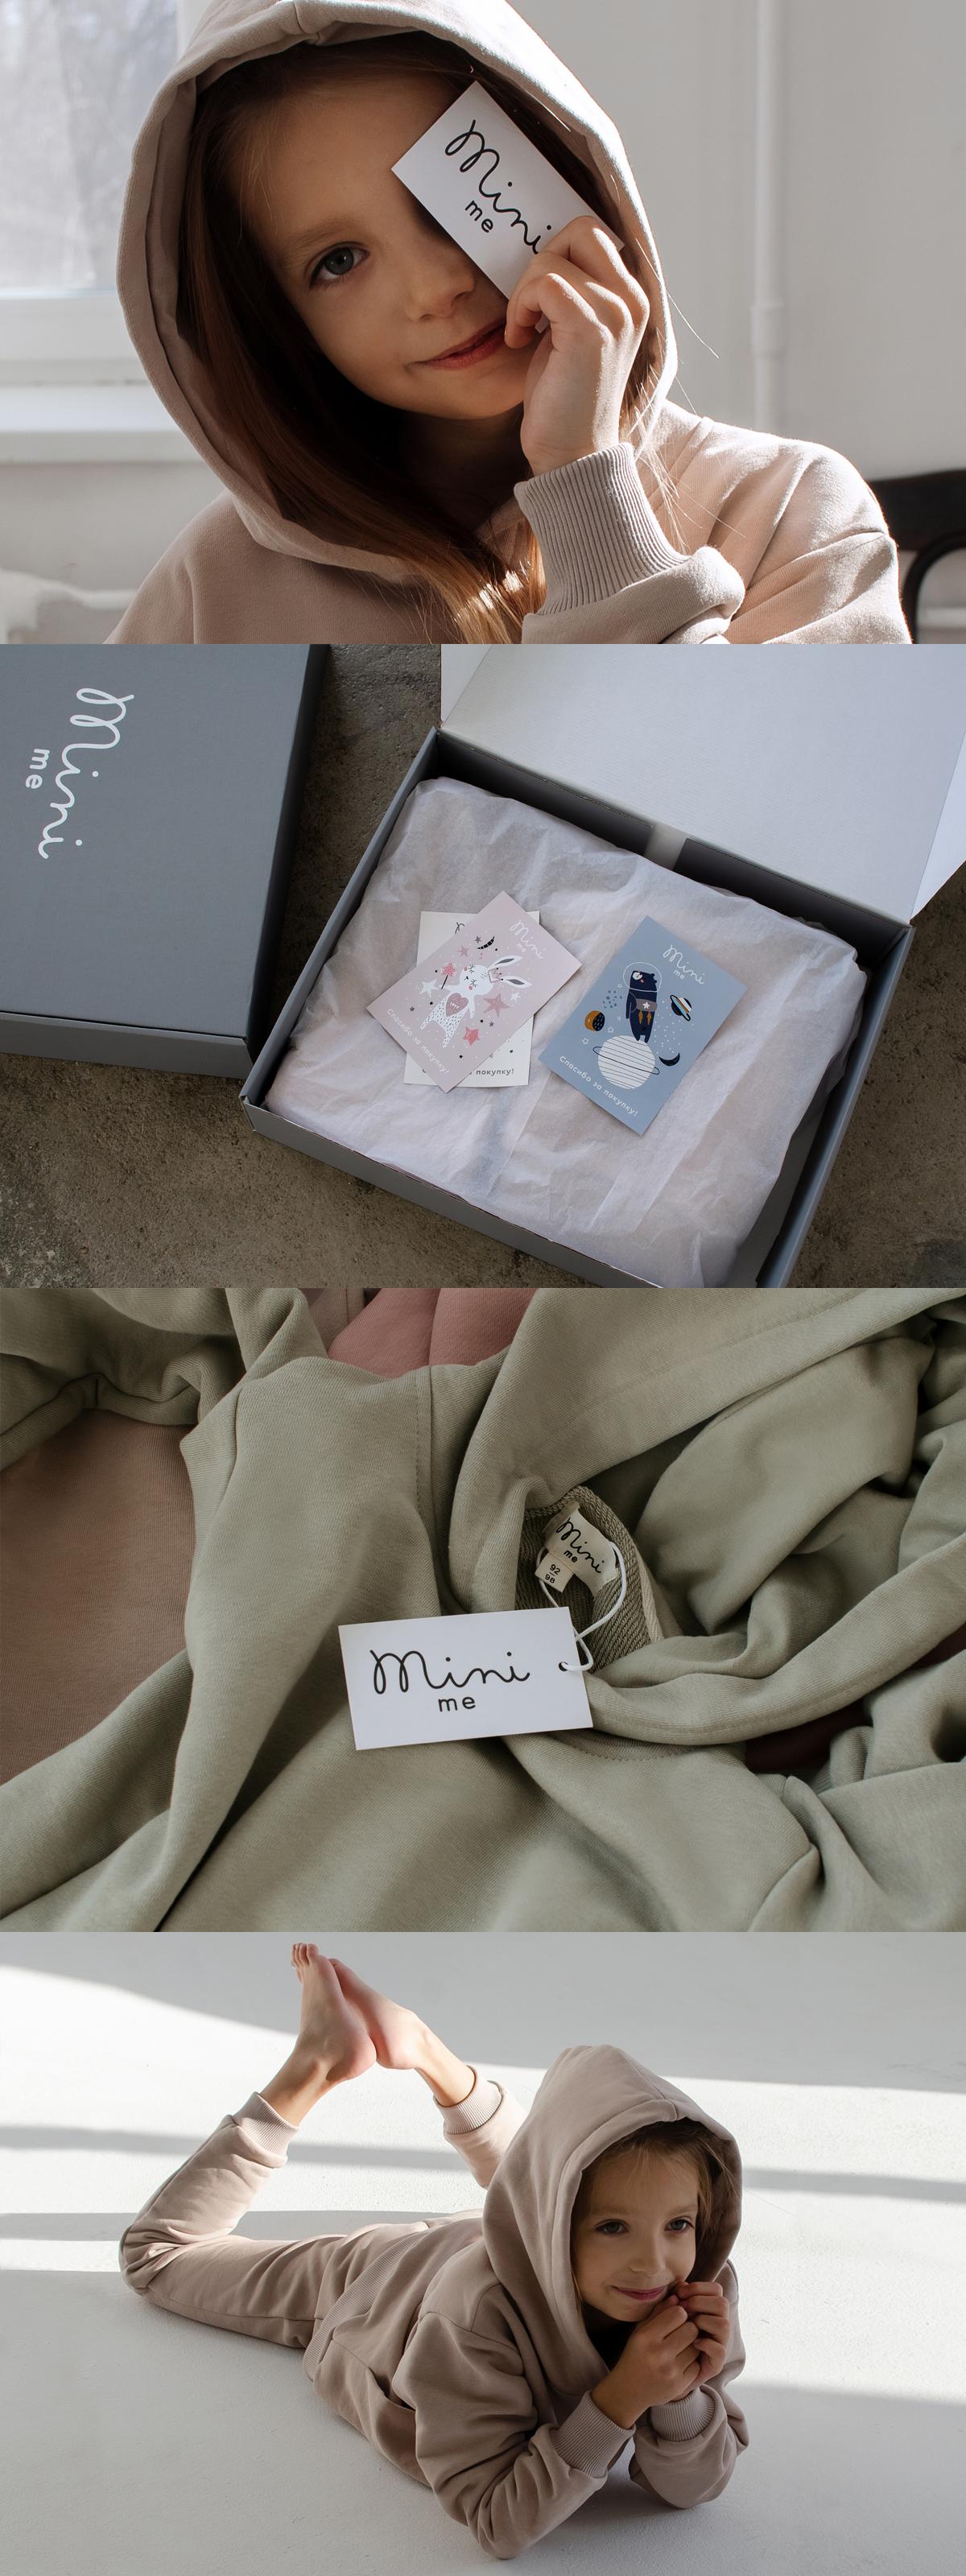 Фирменный стиль для бренда детской одежды Mini Me